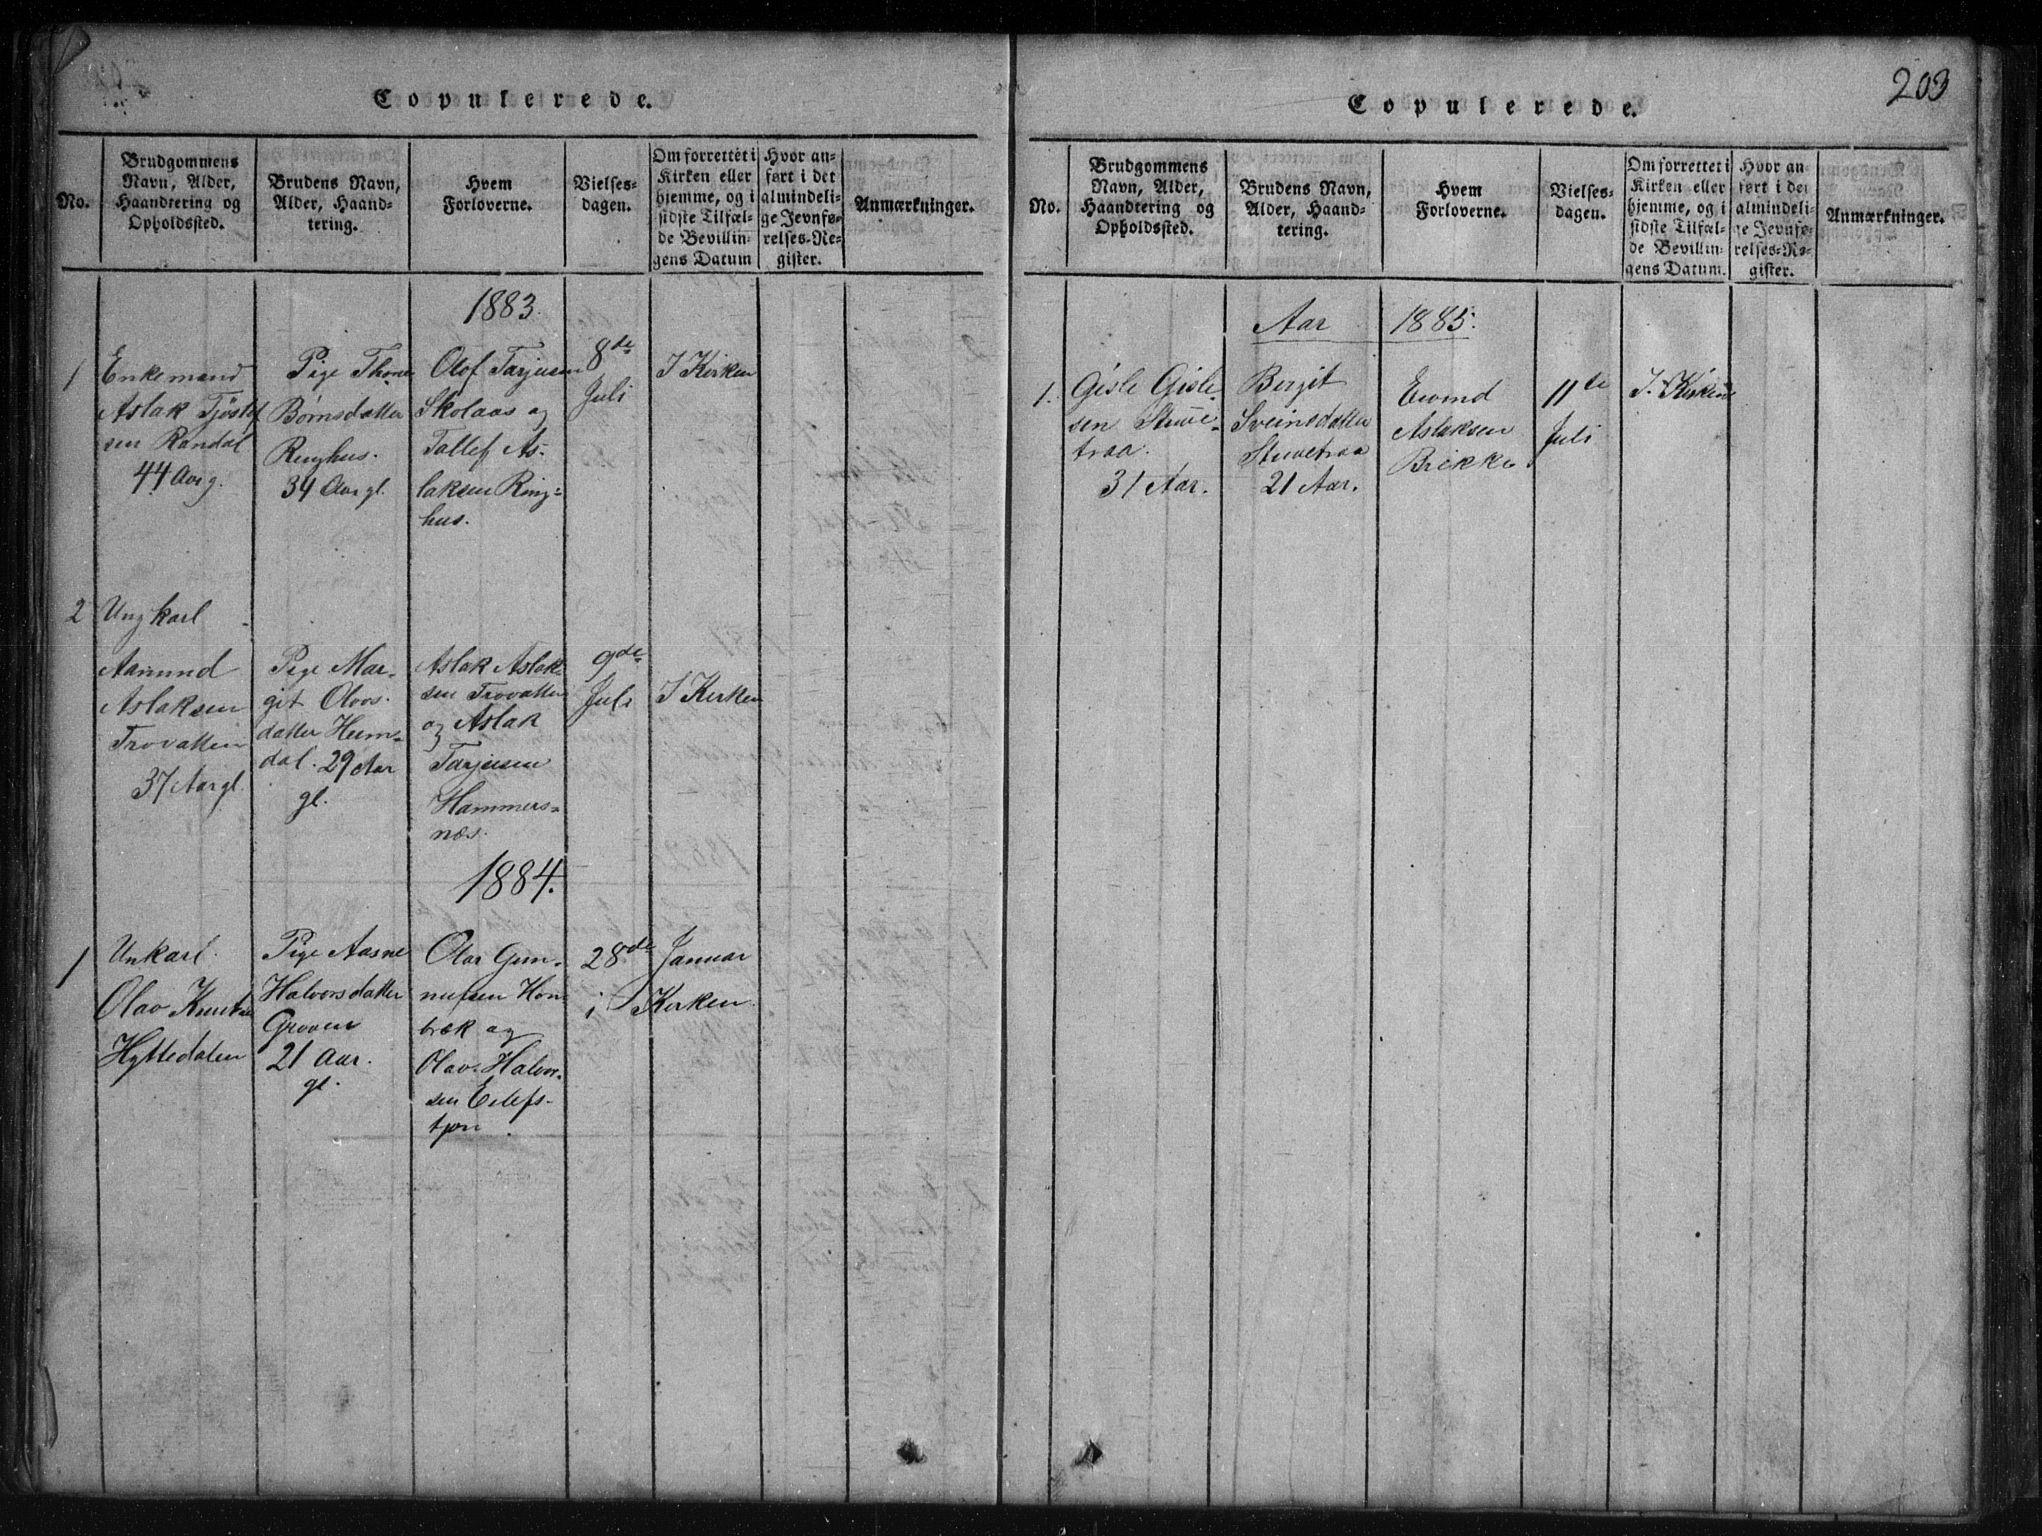 SAKO, Rauland kirkebøker, G/Gb/L0001: Klokkerbok nr. II 1, 1815-1886, s. 203